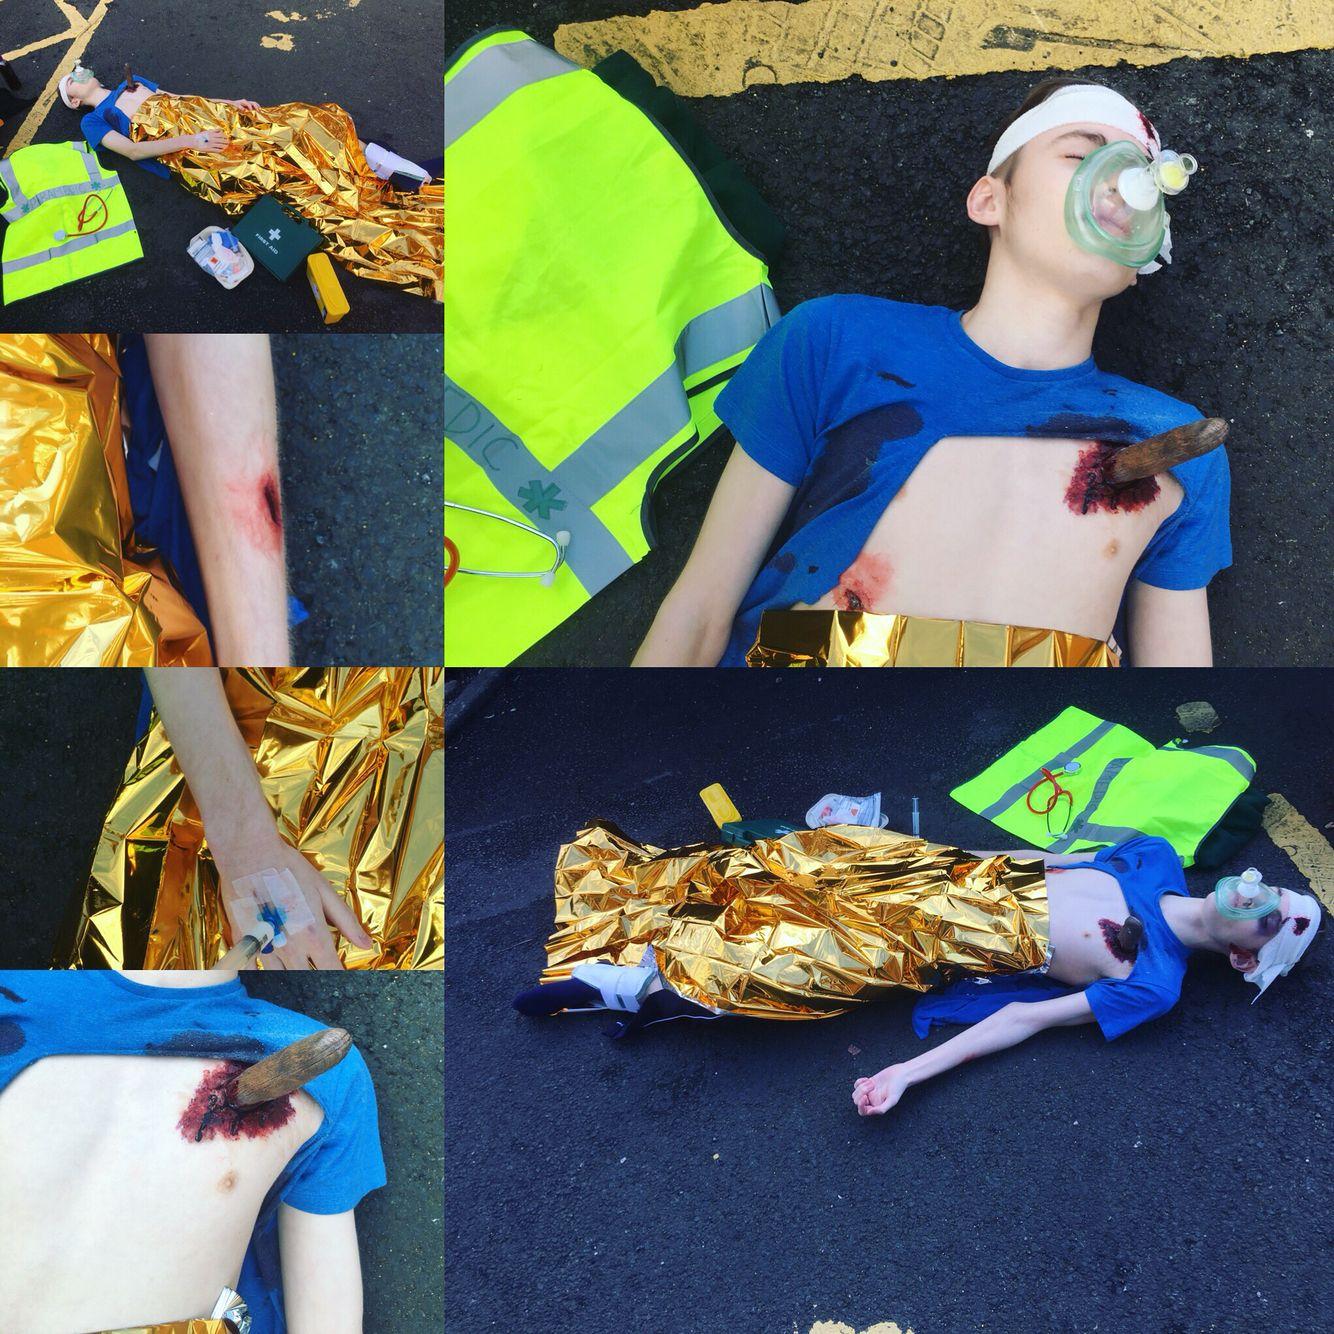 Scene of devastation exam - terror attack, prosthetic knife to the ...